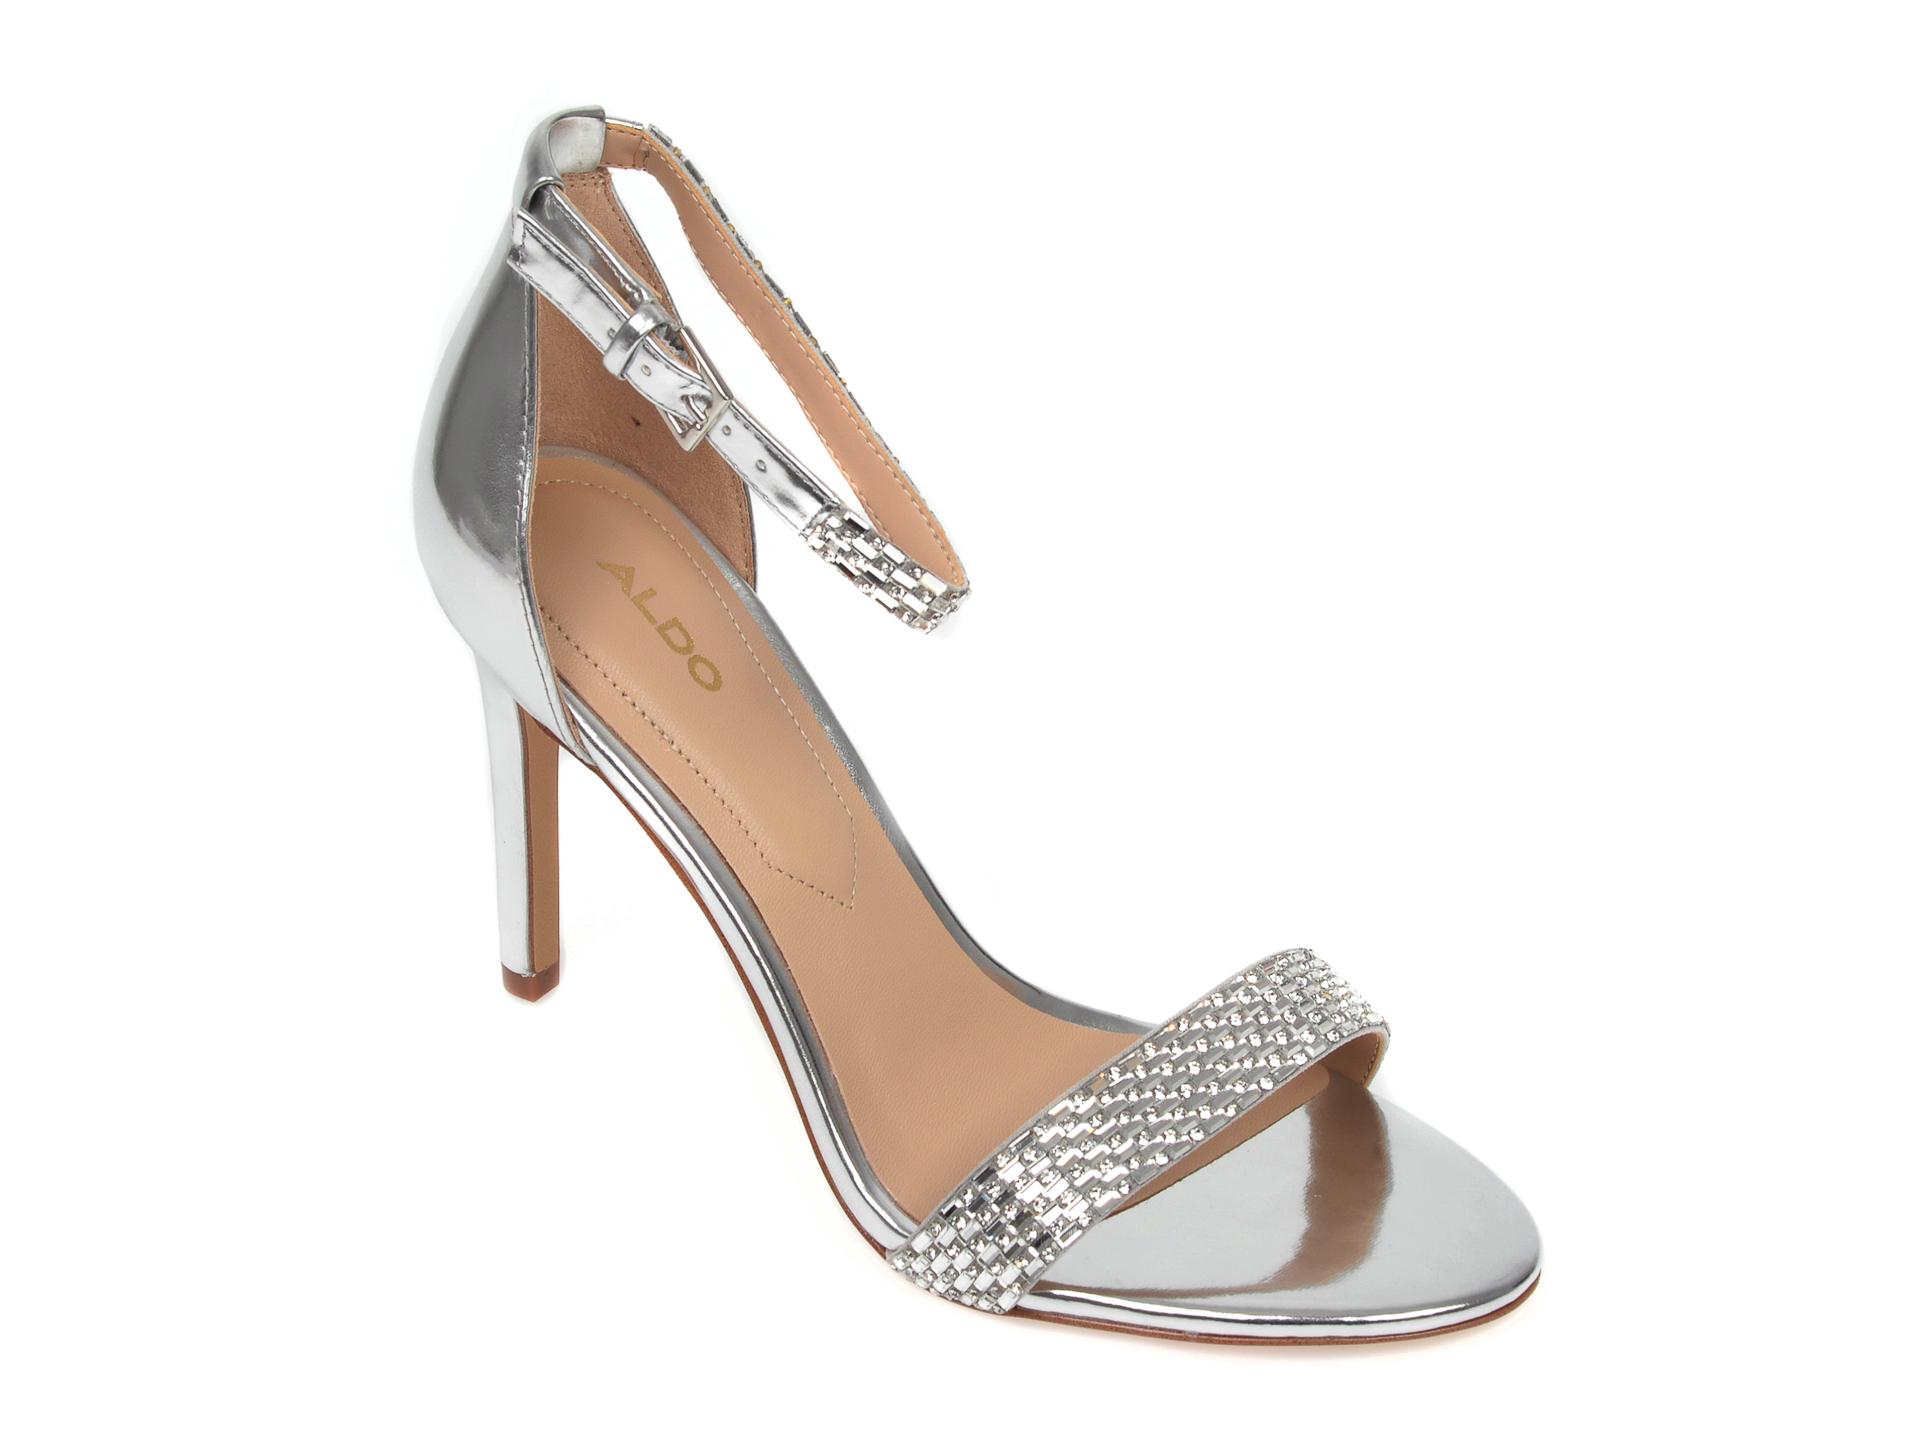 Sandale ALDO argintii, Prommy040, din piele ecologica imagine